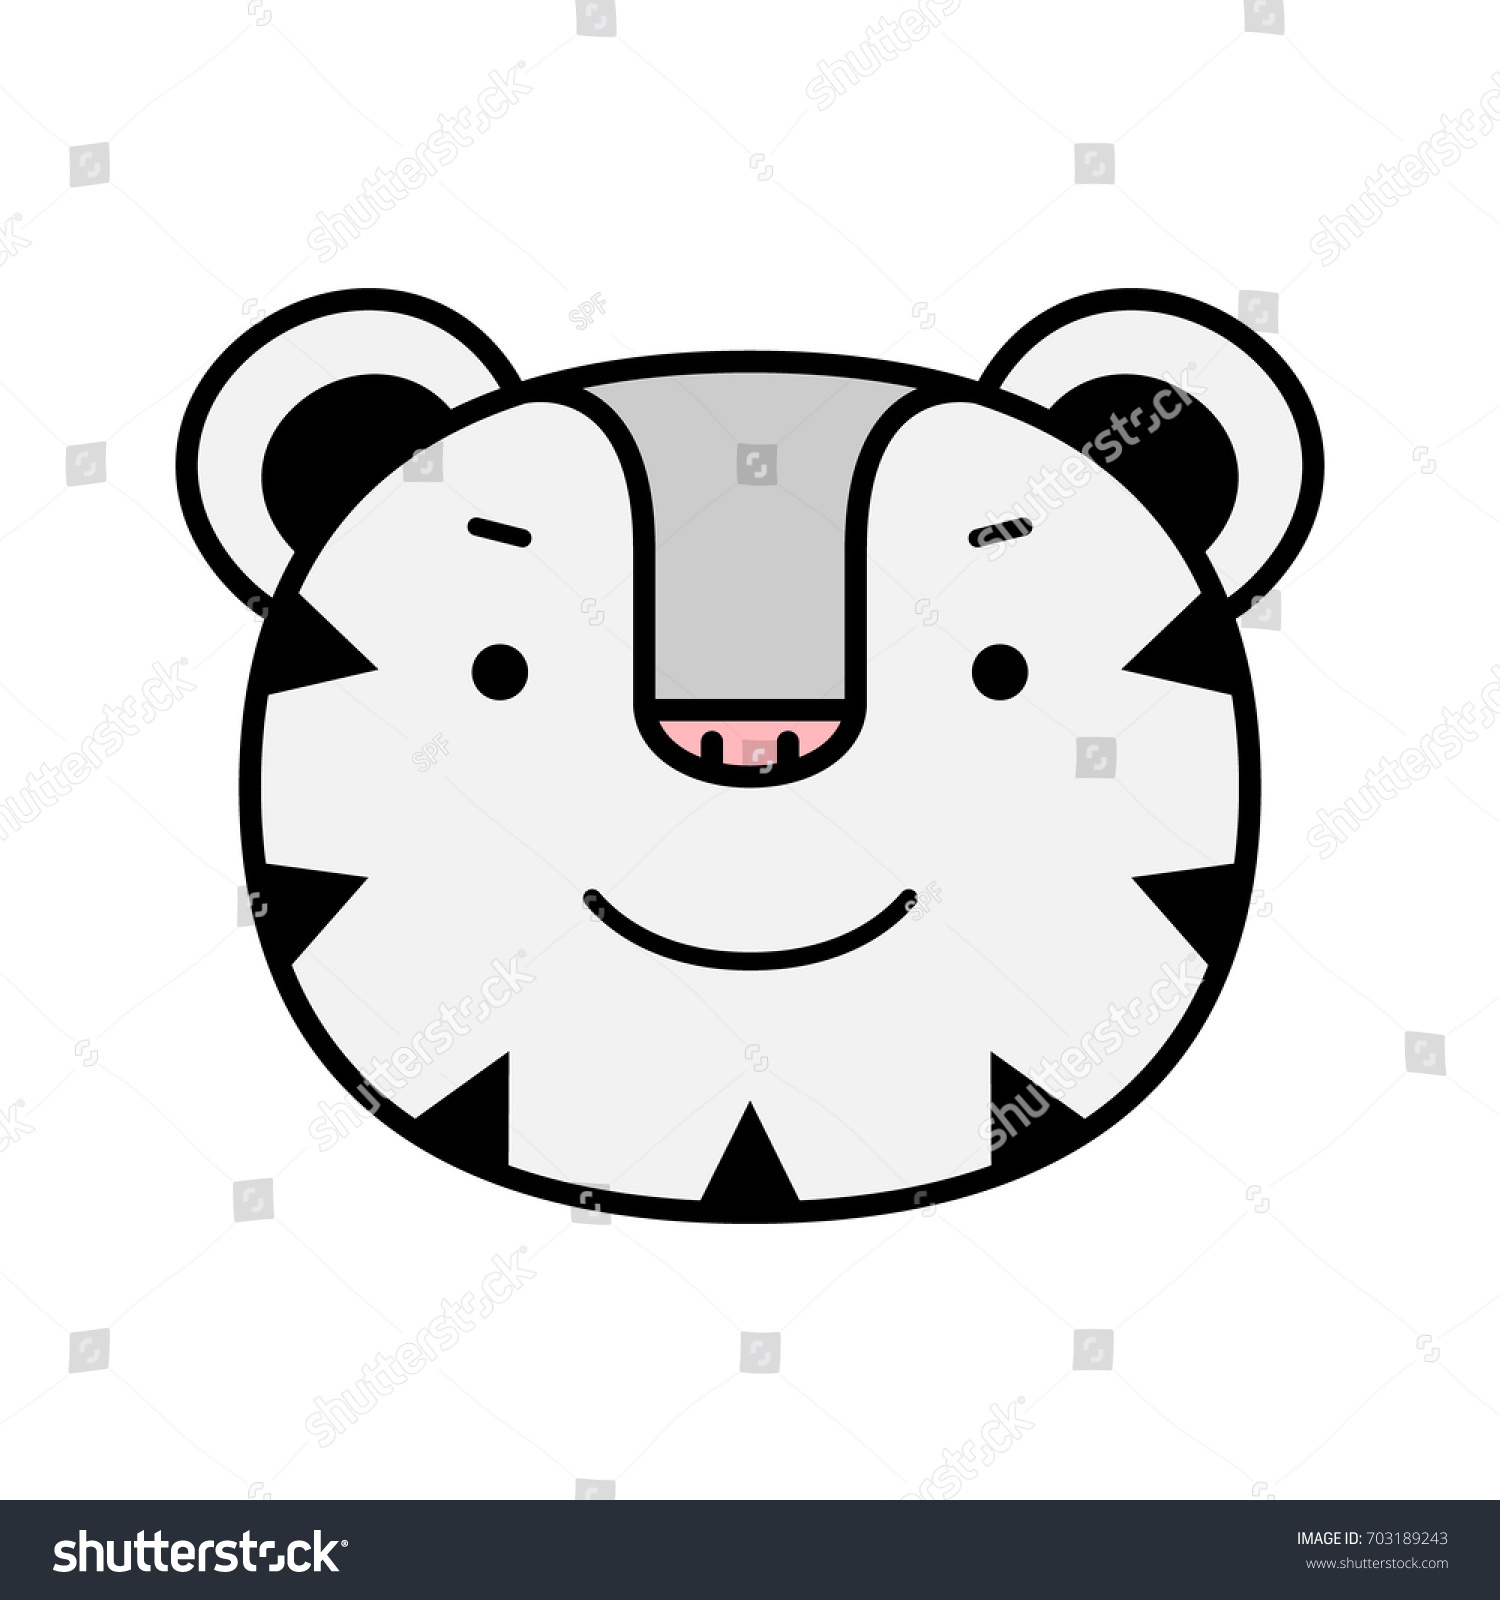 Symbol olympic winter games pyeongchang 2018 stock vector symbol olympic winter games pyeongchang 2018 animal of emoticons emoji isolated on transparent background buycottarizona